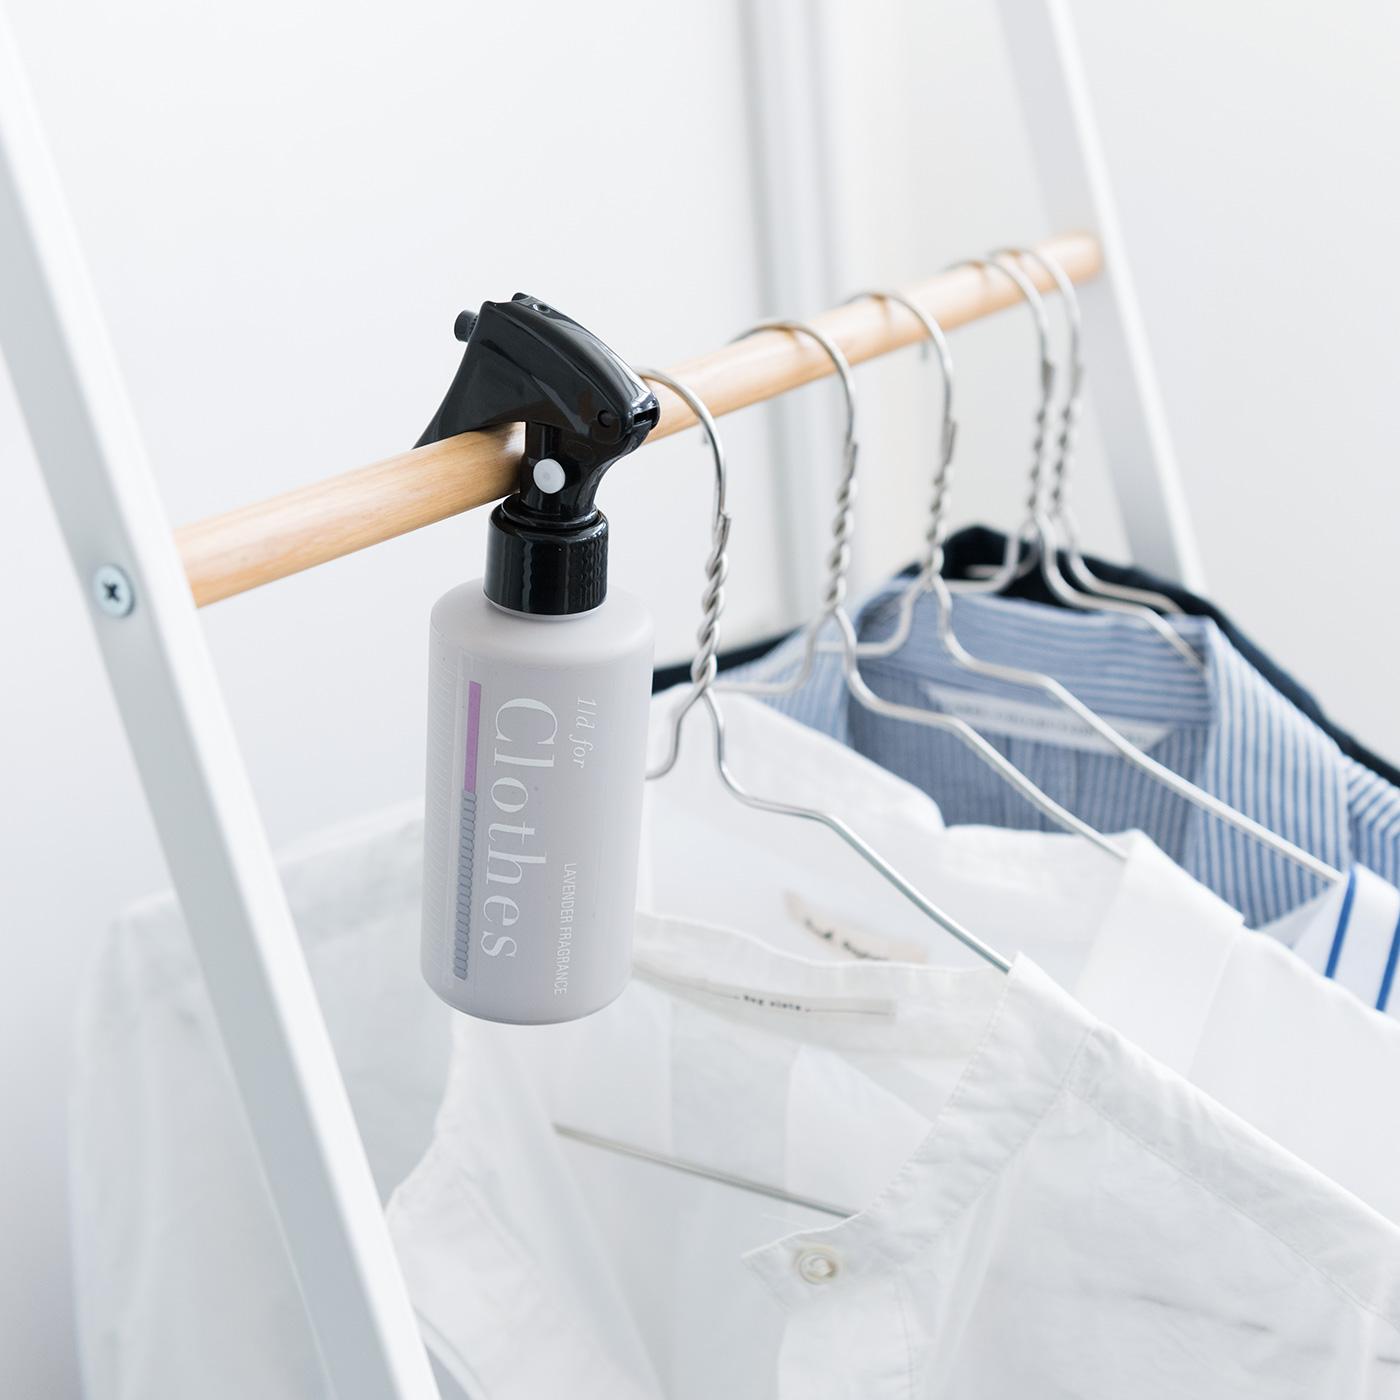 毎日は洗濯しない秋冬の衣類は、しわを取ってクローゼットへ。出しっぱなしでもオシャレな、暮らしになじむデザイン。